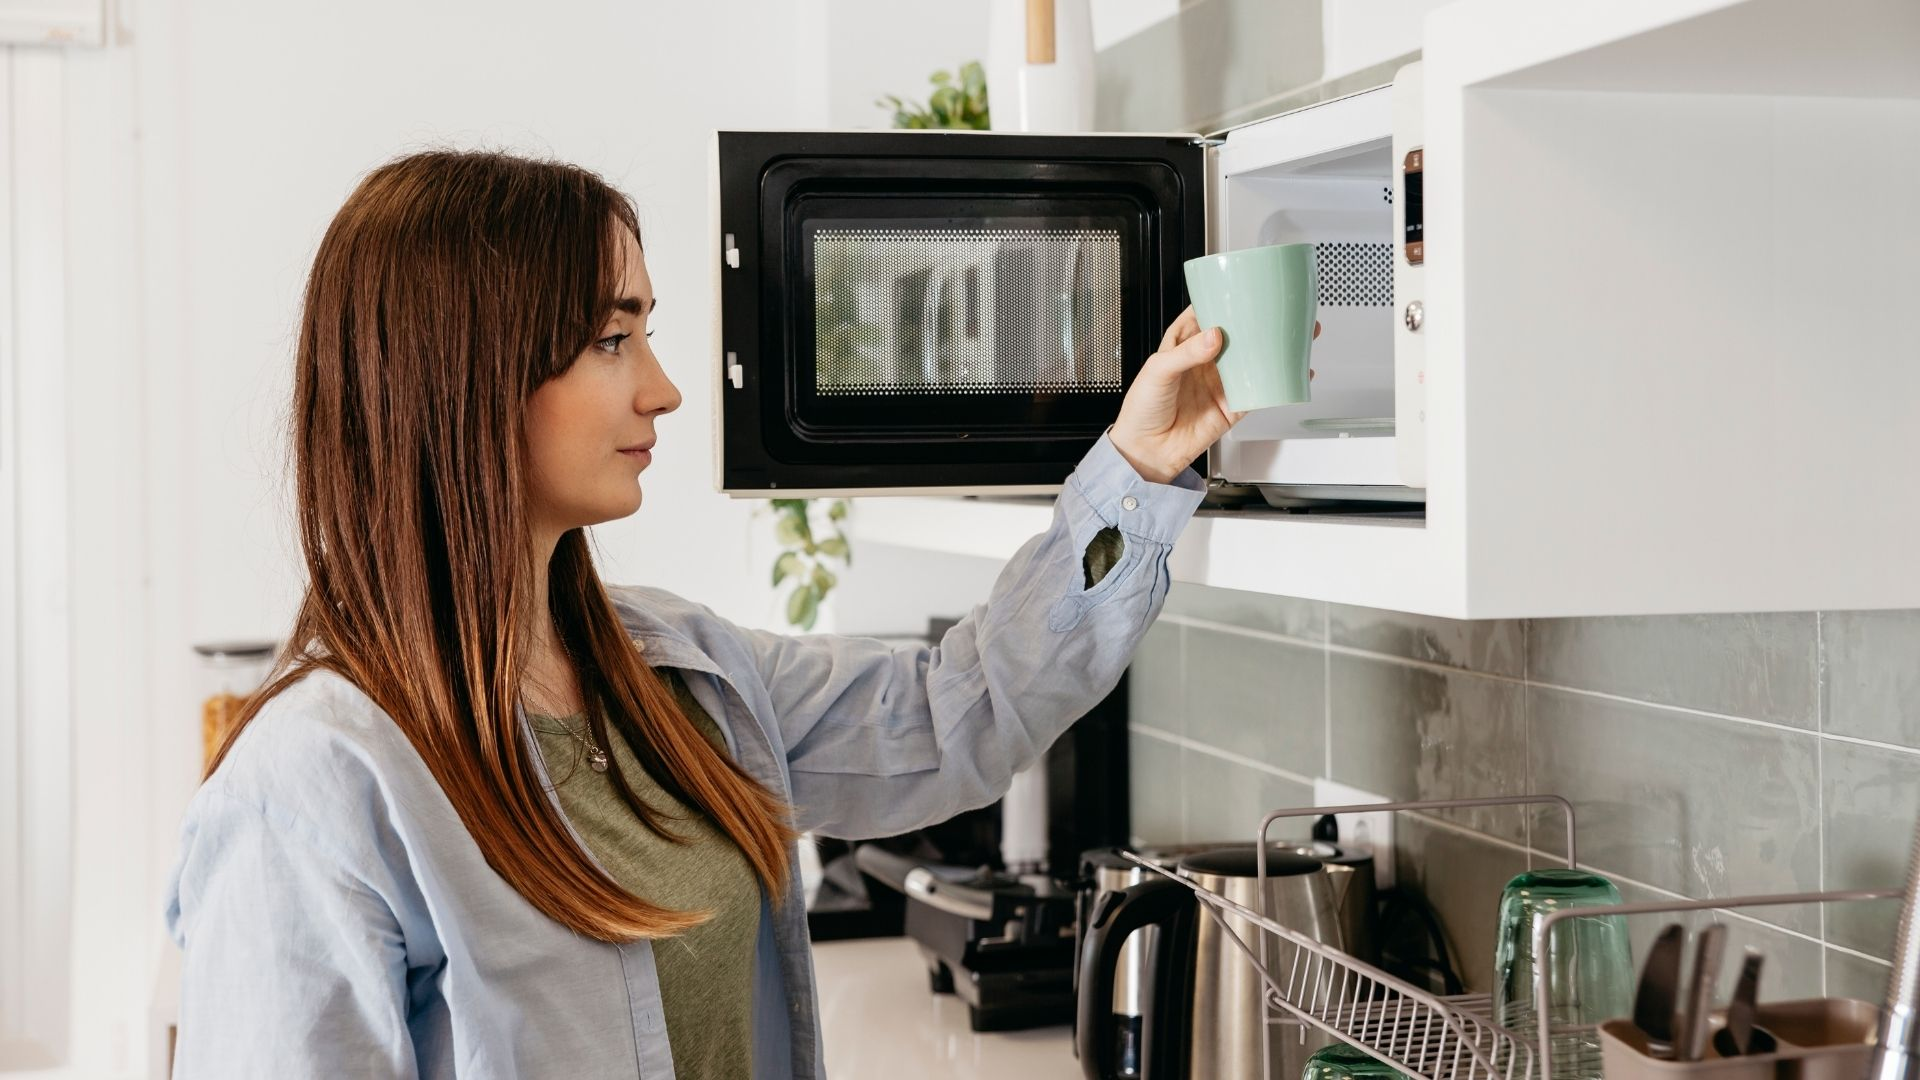 Las 11 cosas que no debes cocinar en el microondas